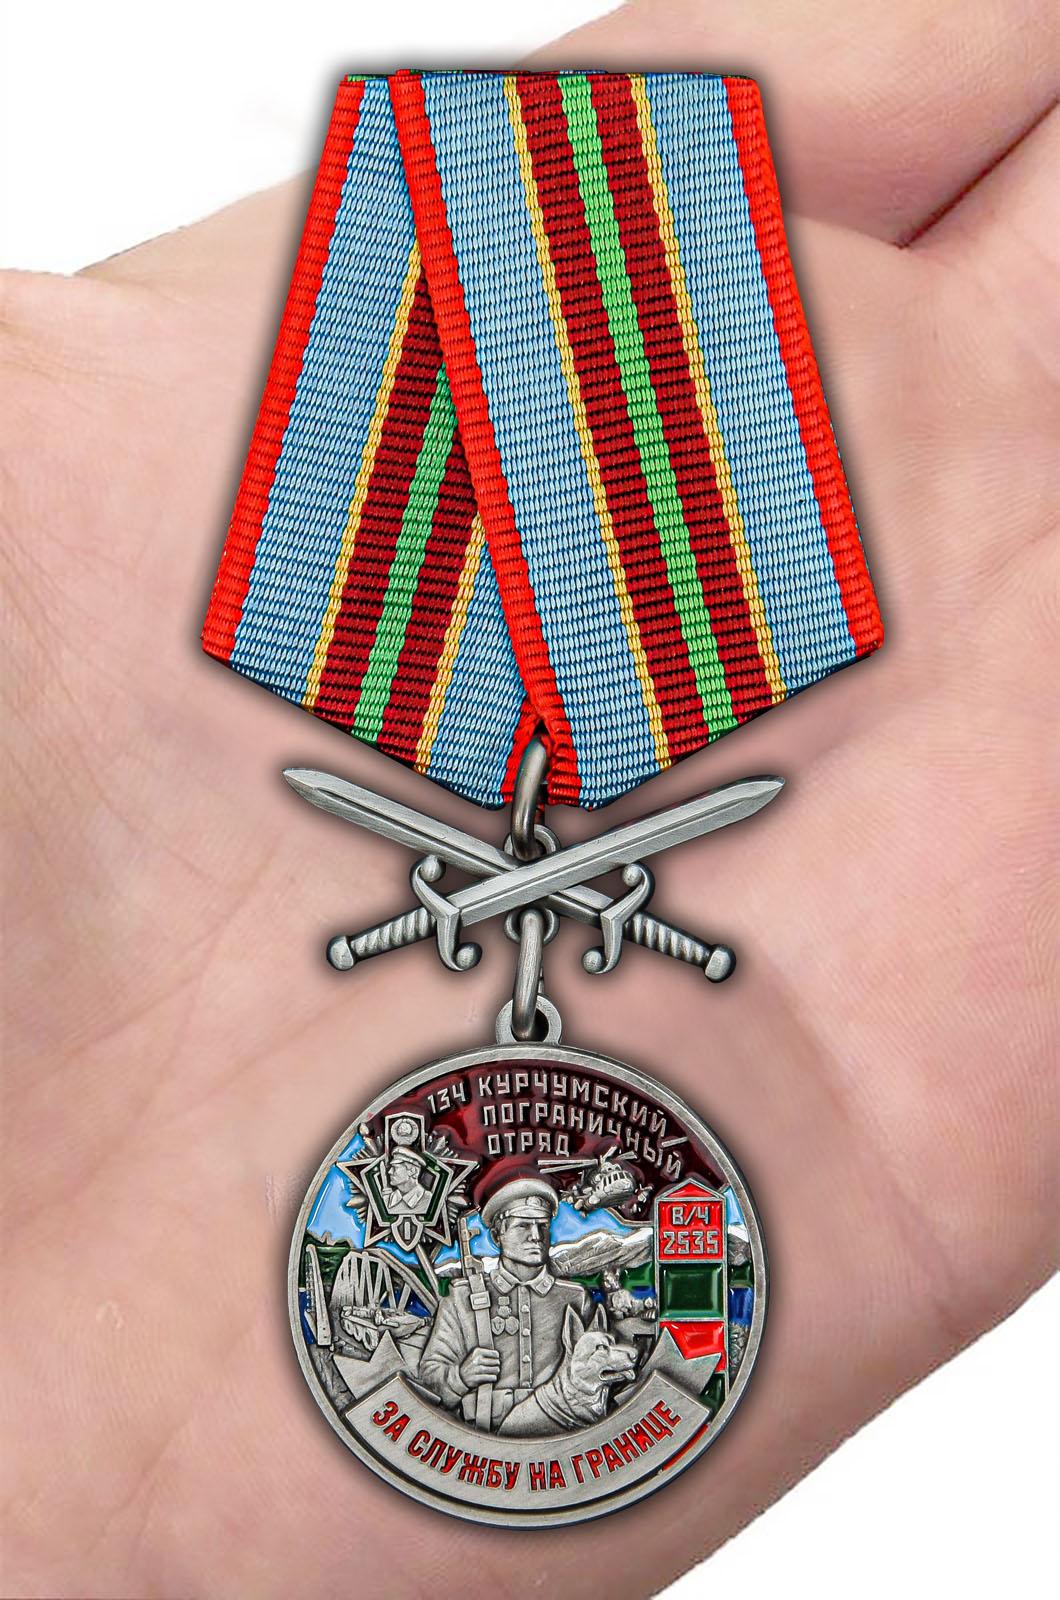 """Заказать медаль """"За службу в Курчумском пограничном отряде"""""""